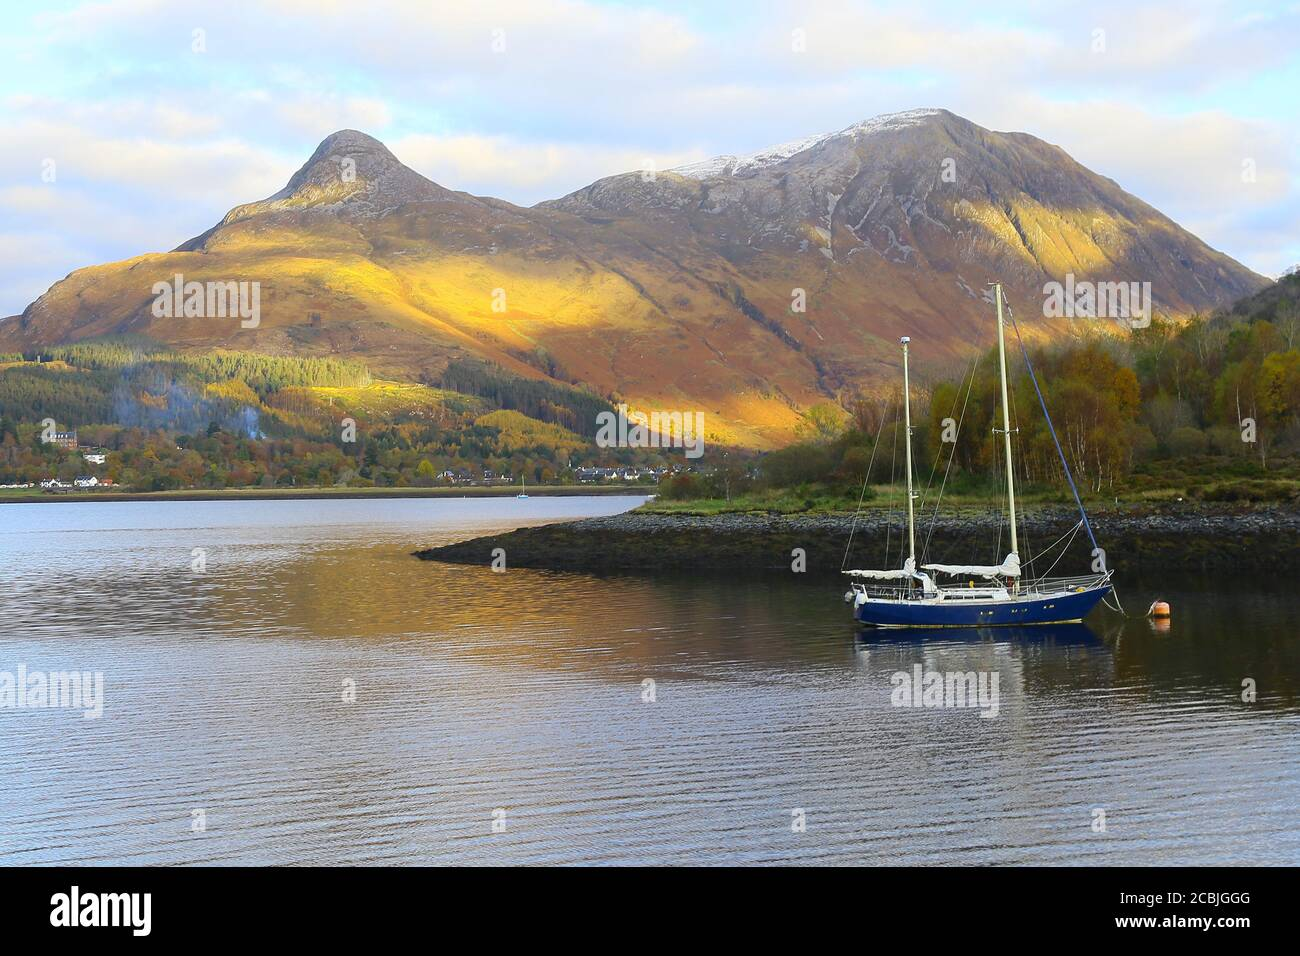 Montagnes écossaises avec un bateau bleu sur le loch. Banque D'Images